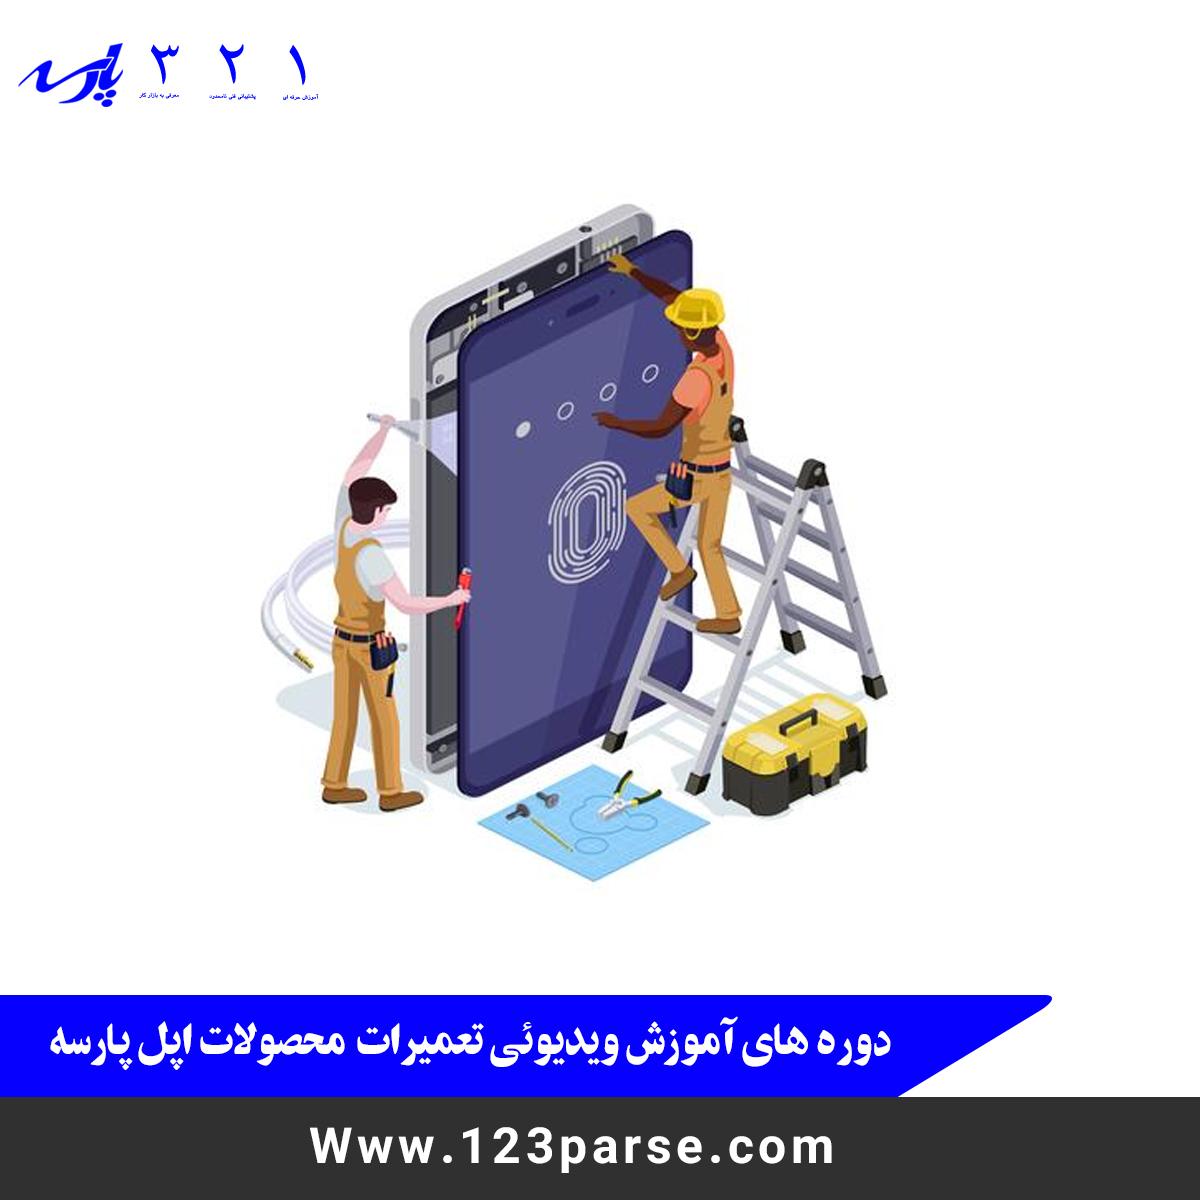 آموزش تعمیرات محصولات اپل | آموزش تعمیرات محصولات اپل به صورت فیلم | فیلم آموزش تعمیرات تمامی محصولات شرکت اپل|آموزش تعمیرات موبایل | آموزش تعمیر موبایل در شهر تهران | دوره آموزش تعمیرات موبایل